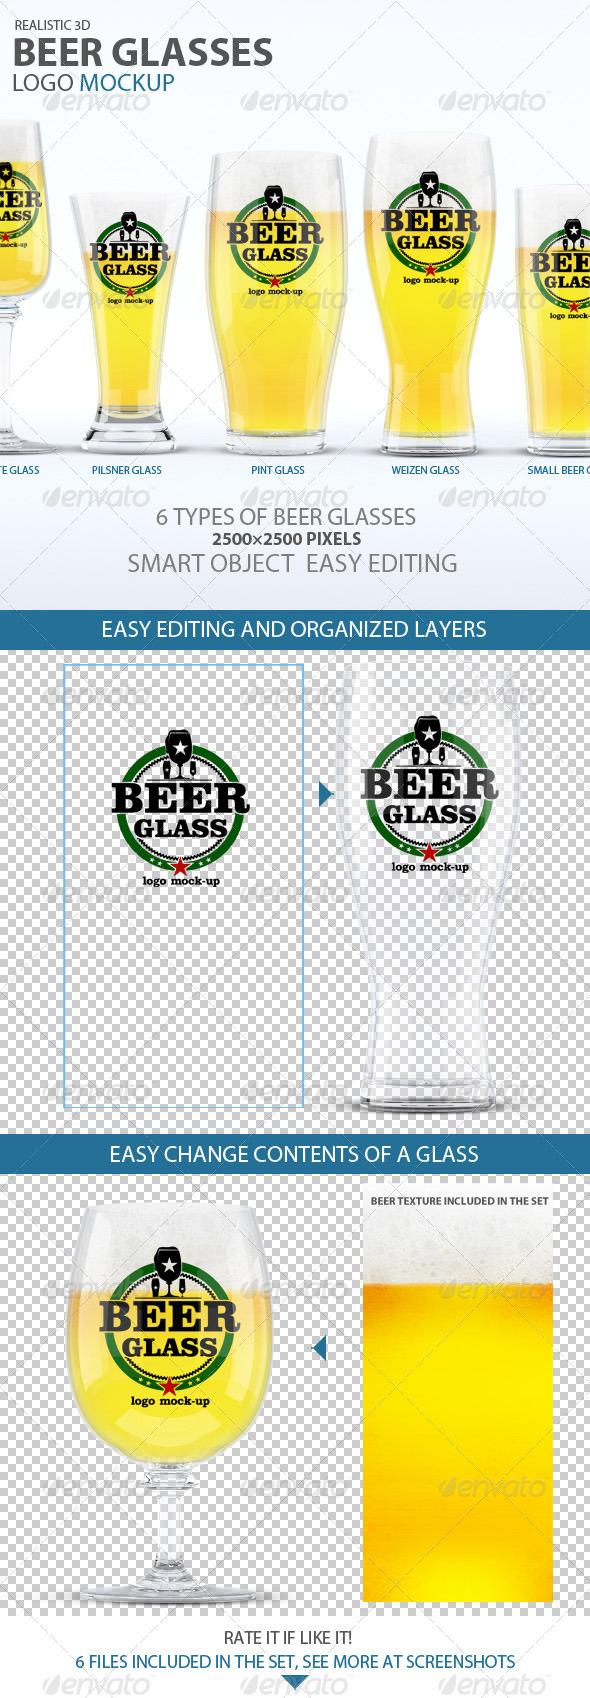 GraphicRiver Beer Glasses Logo Mockup 7620652